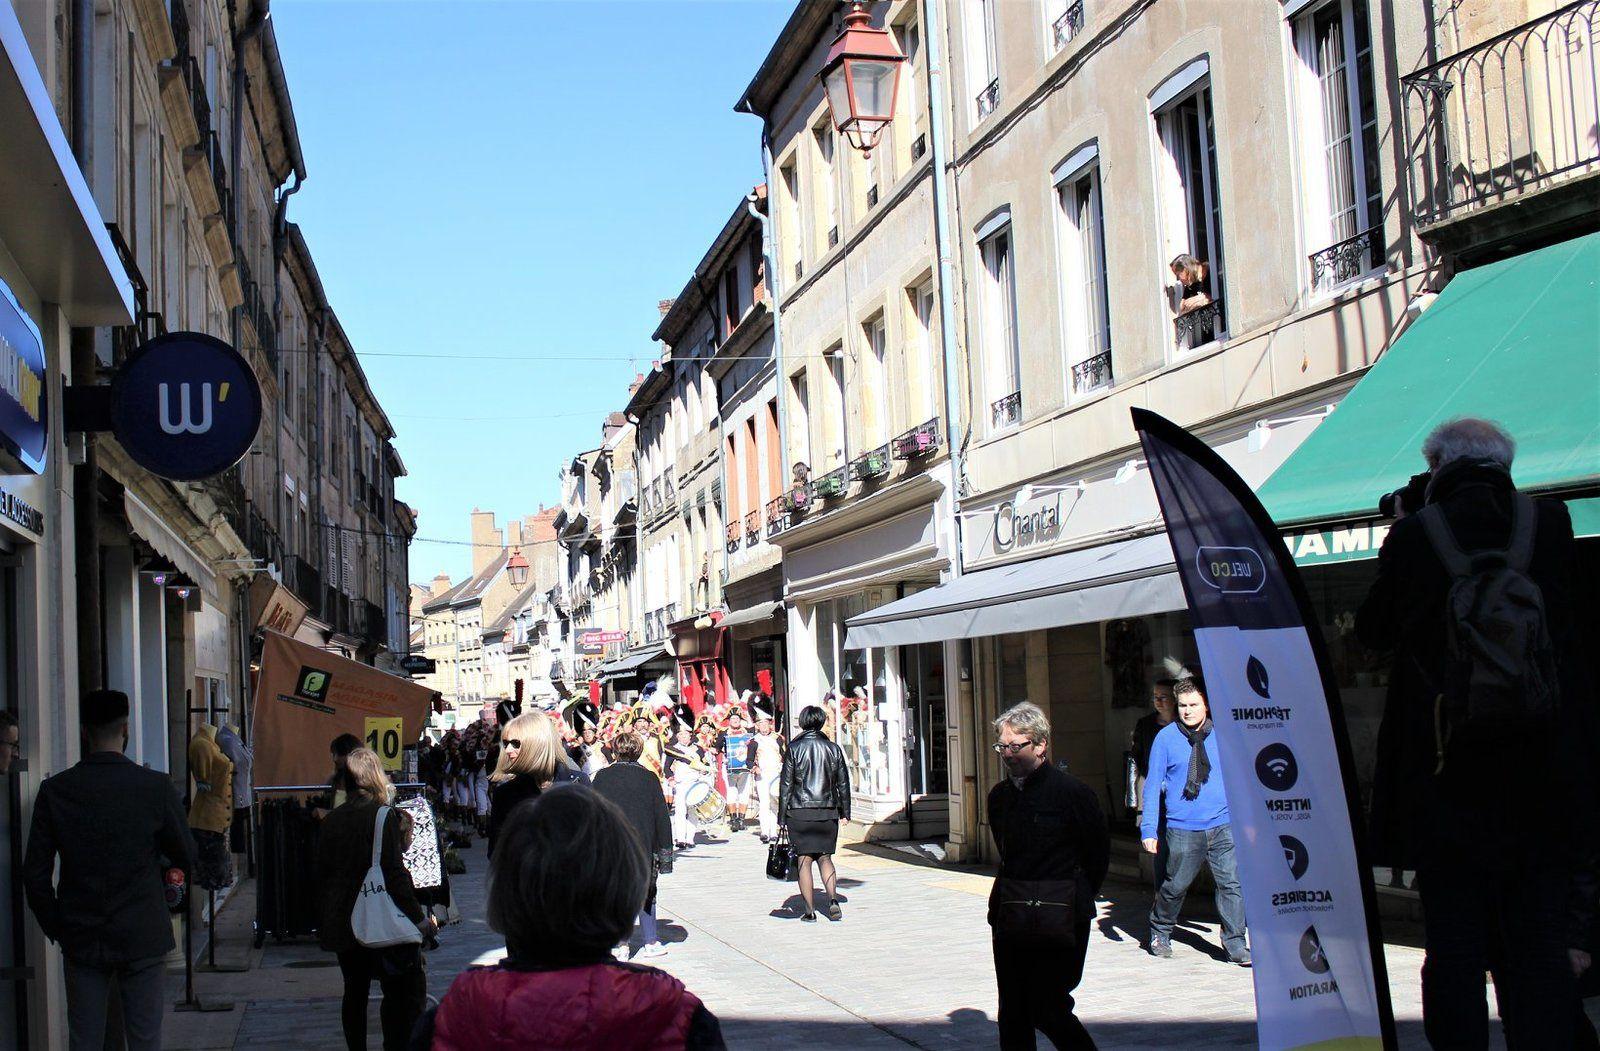 ¤¤¤ Quartier centre ville - Rue aux Cordiers et rue Saint-Saulge 71400 Autun ¤¤¤